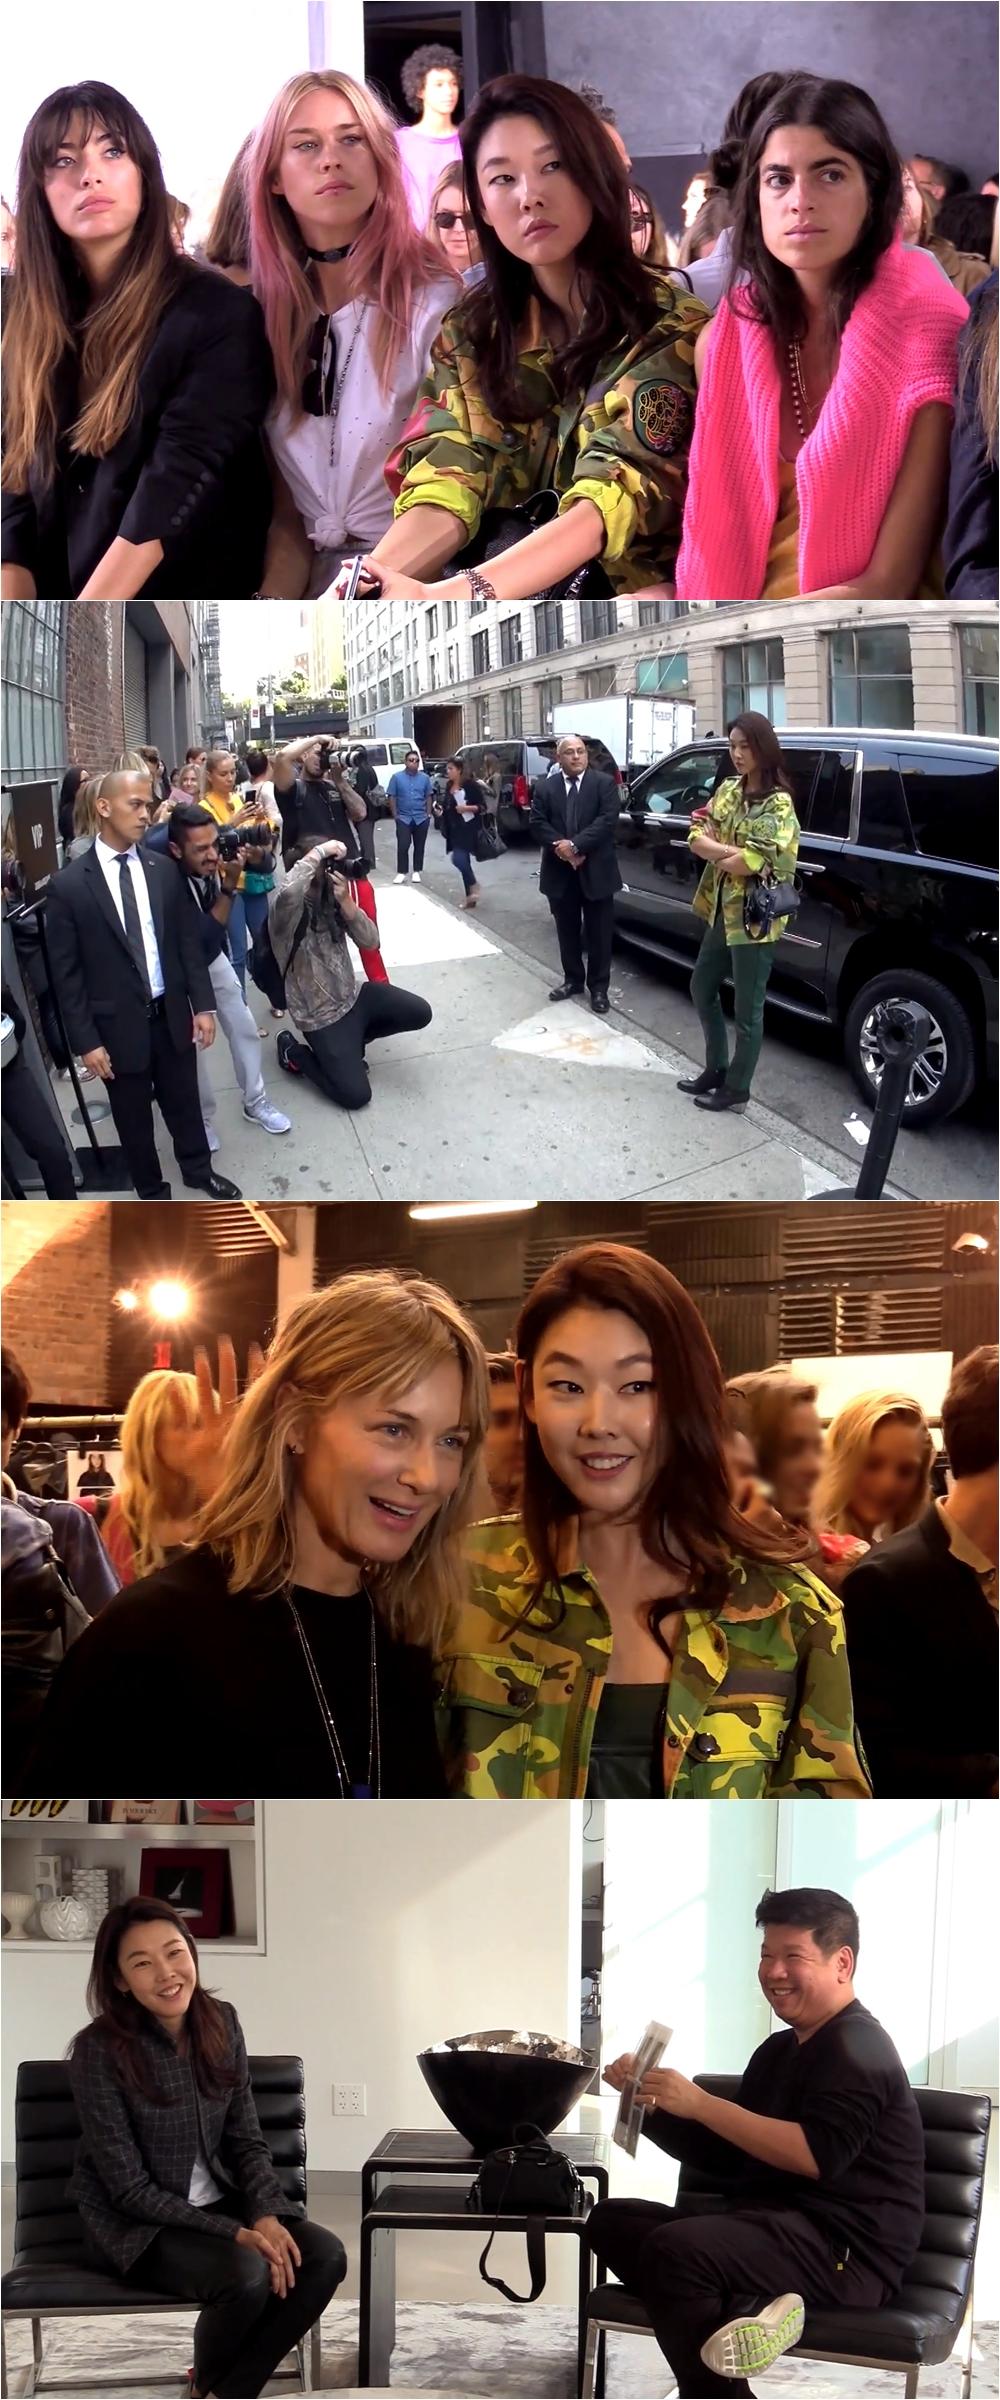 <나 혼자 산다> 톱모델 한혜진, 대한민국 대표로 뉴욕 패션위크 참석